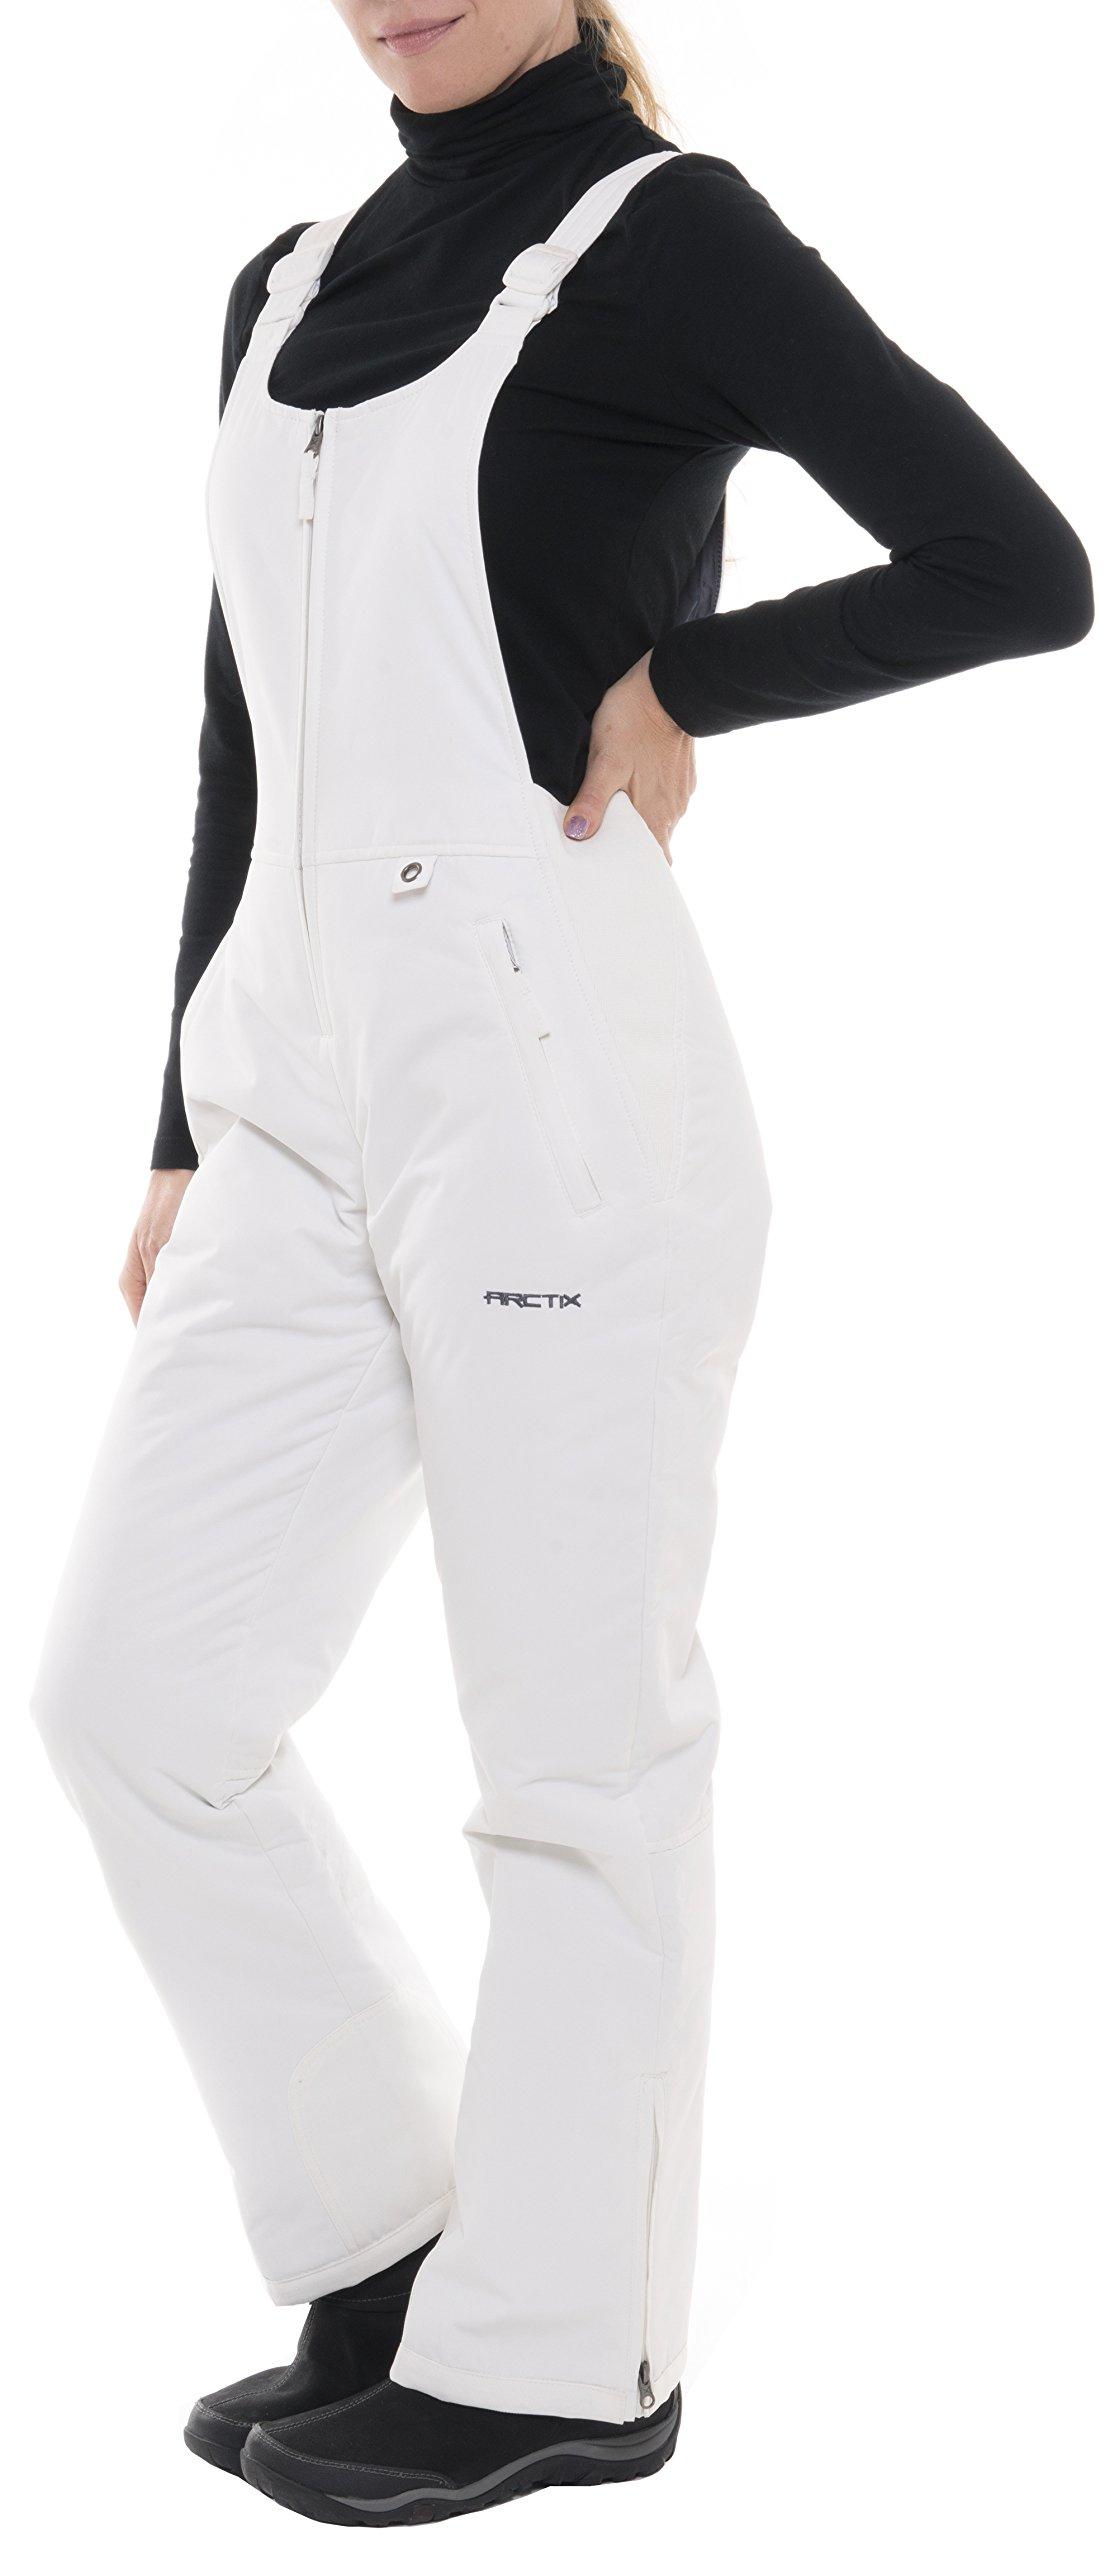 Arctix Women's Women's Insulated Bib Overalls, White, Medium by Arctix